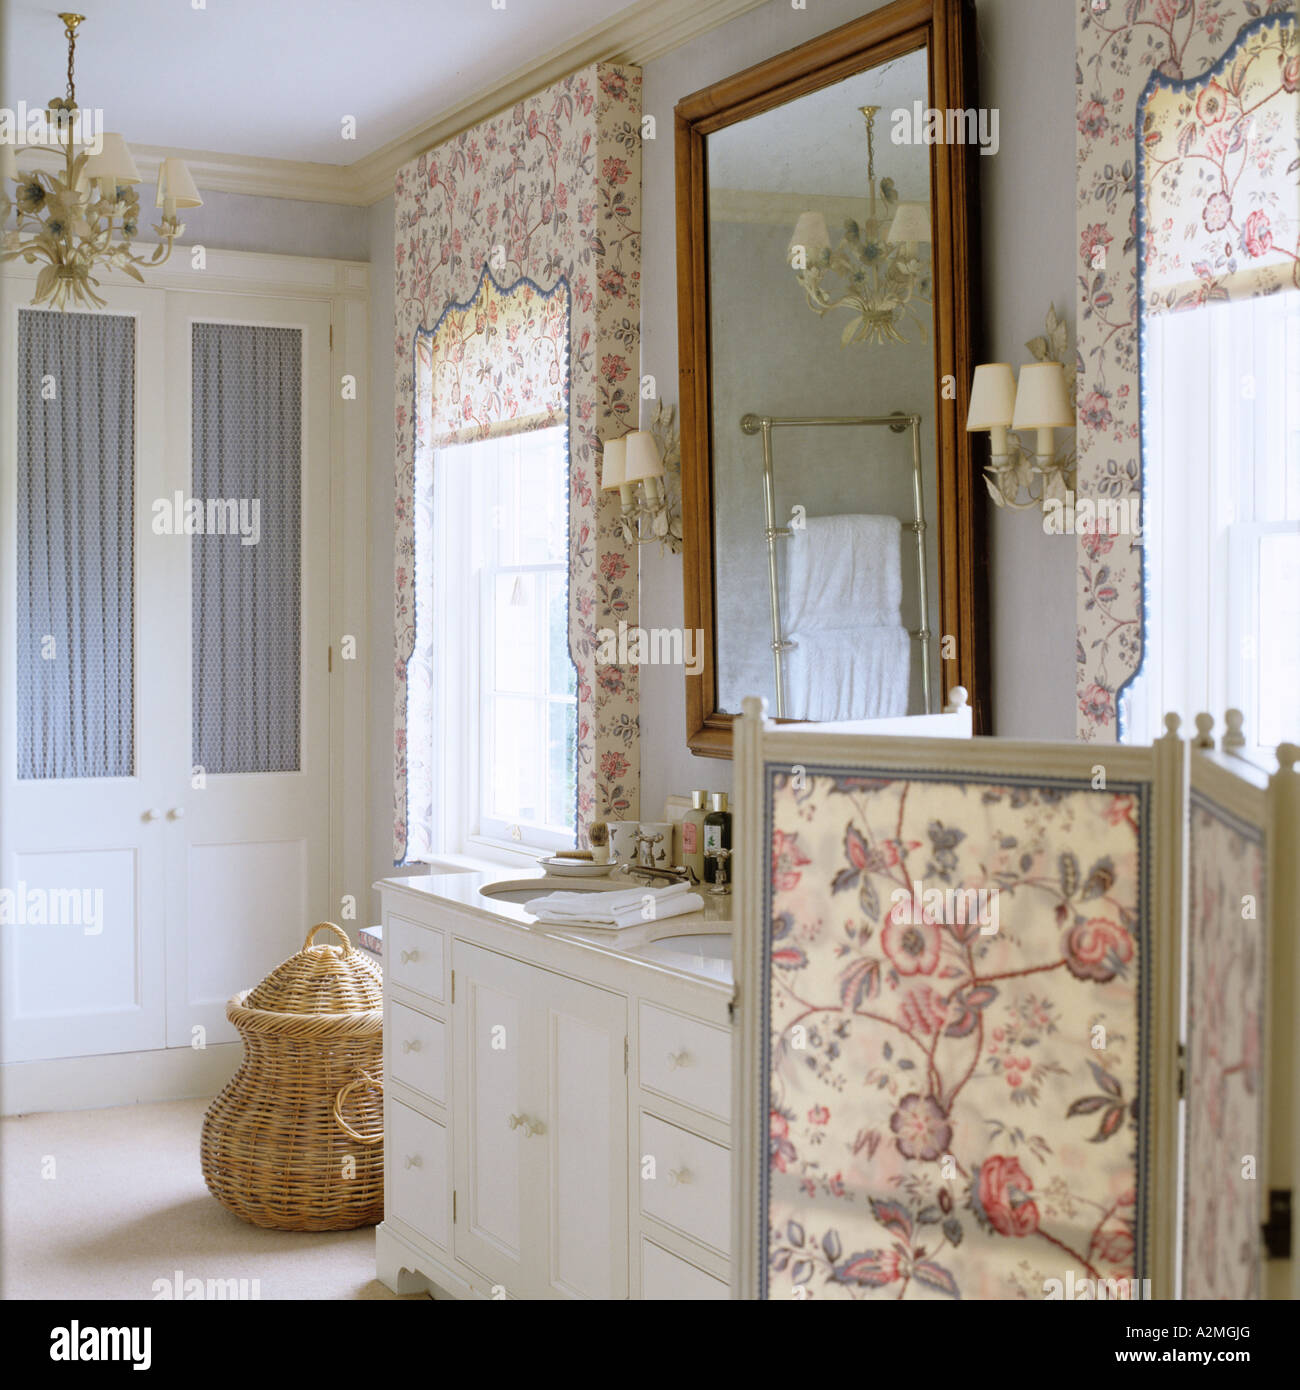 Amazing motivi floreali scuri e dressing schermo nel bagno - Bagno in campagna ...